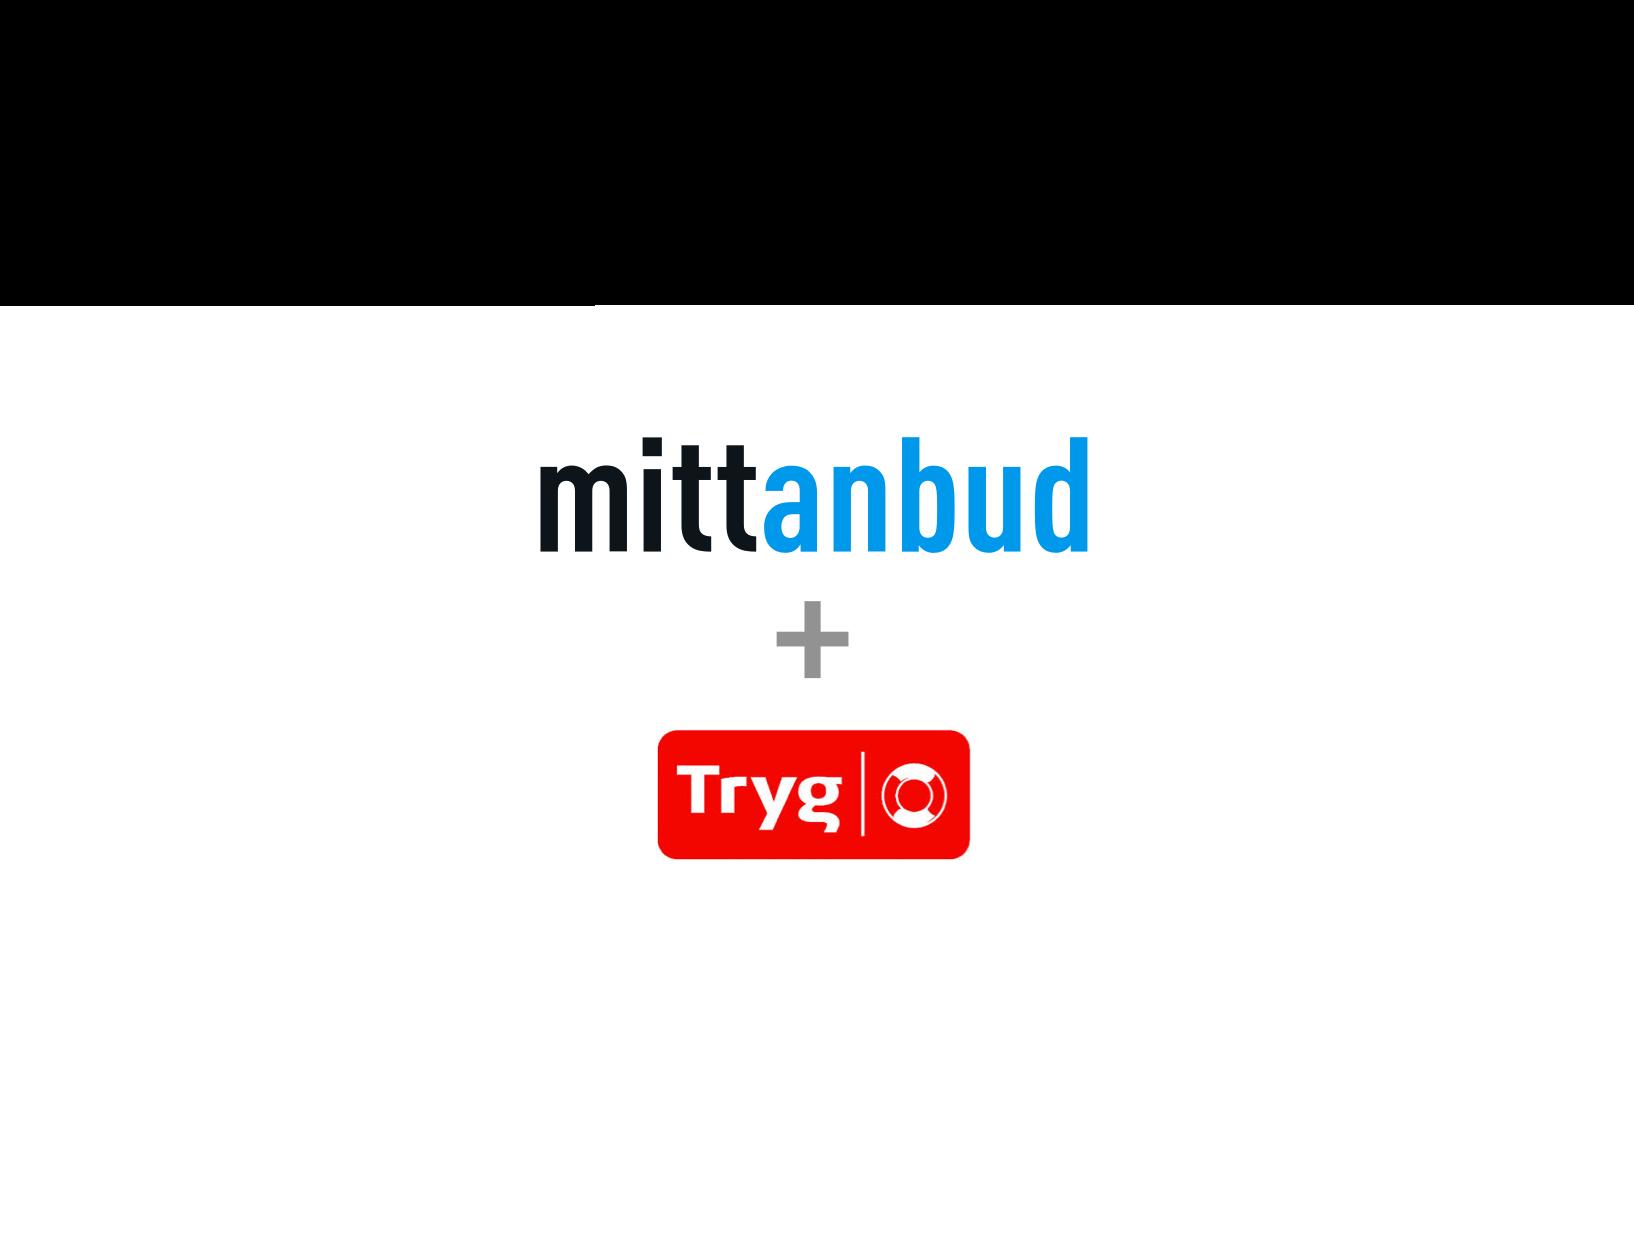 Mittanbud og Tryg Forsikring logo inni et hjerte